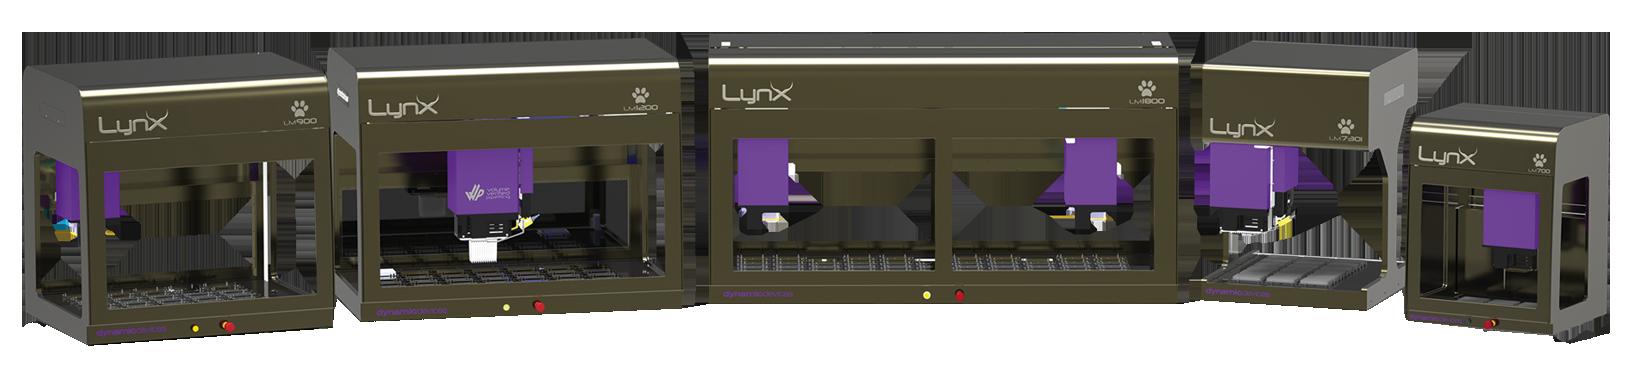 lynx-deck-sizes2